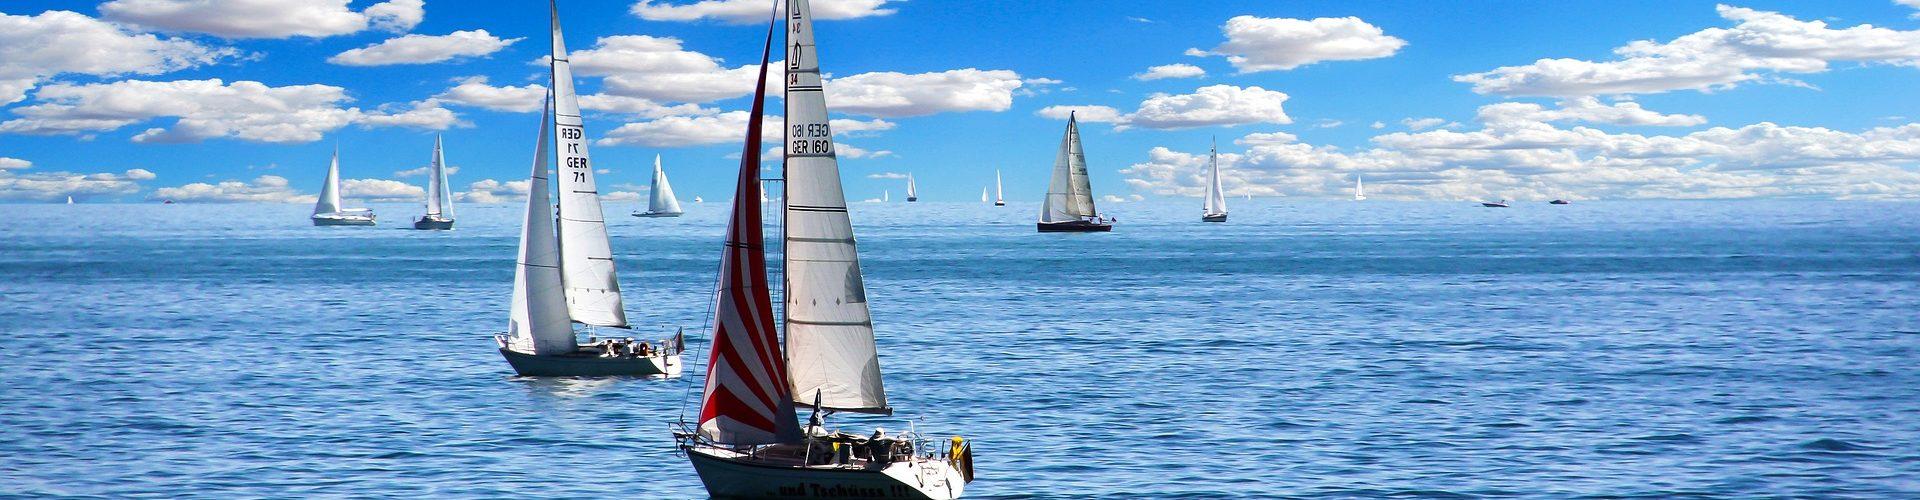 segeln lernen in Dahlem segelschein machen in Dahlem 1920x500 - Segeln lernen in Dahlem